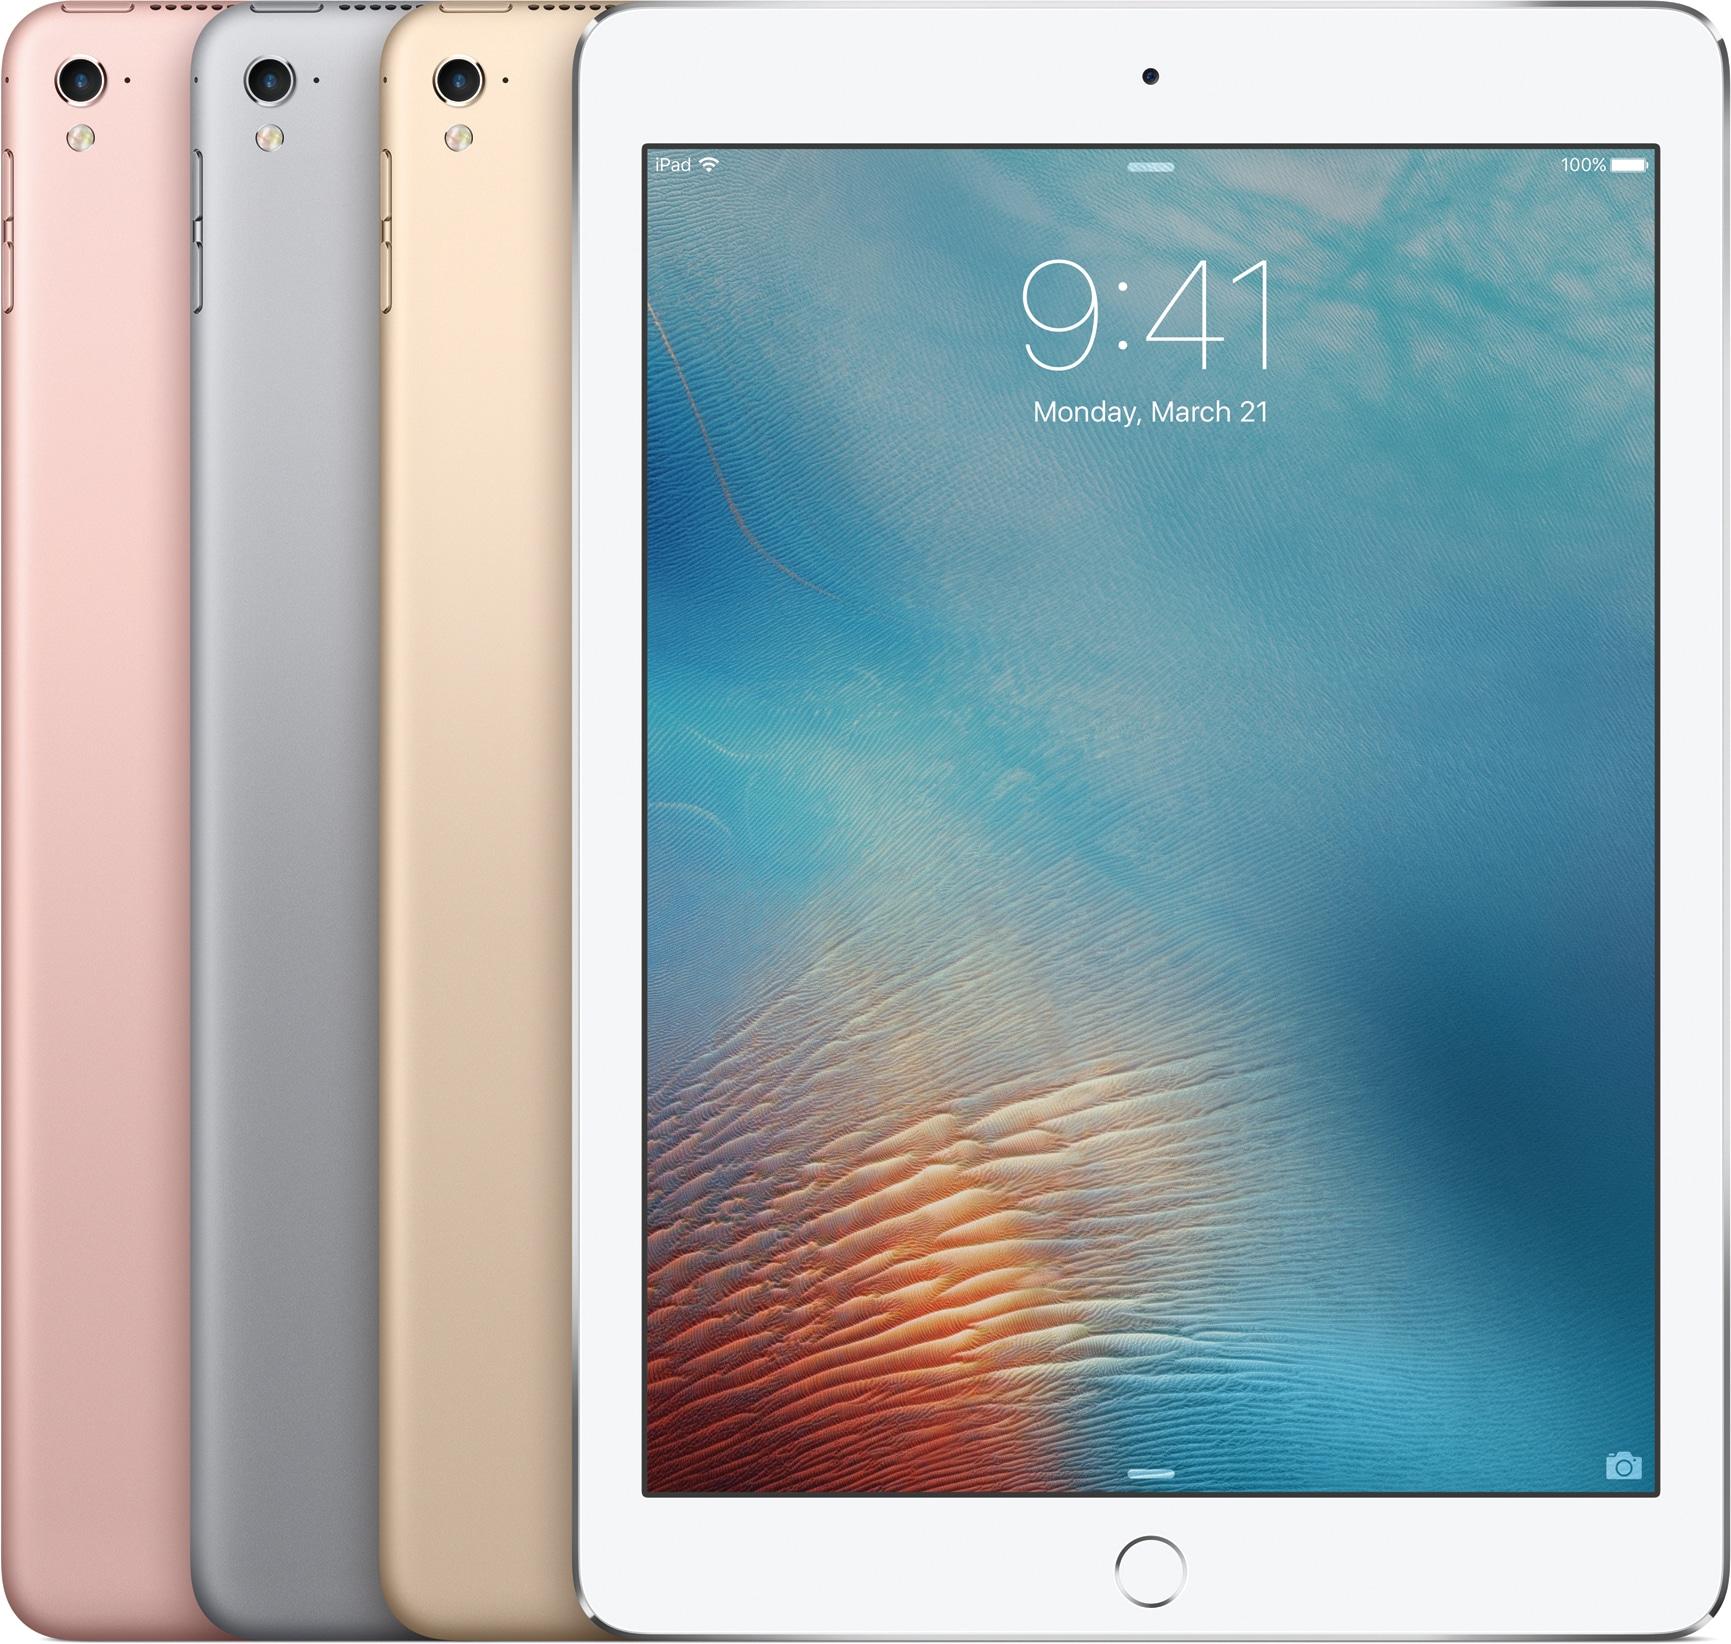 Família do iPad Pro de 9,7 polegadas com as quatro cores lado a lado